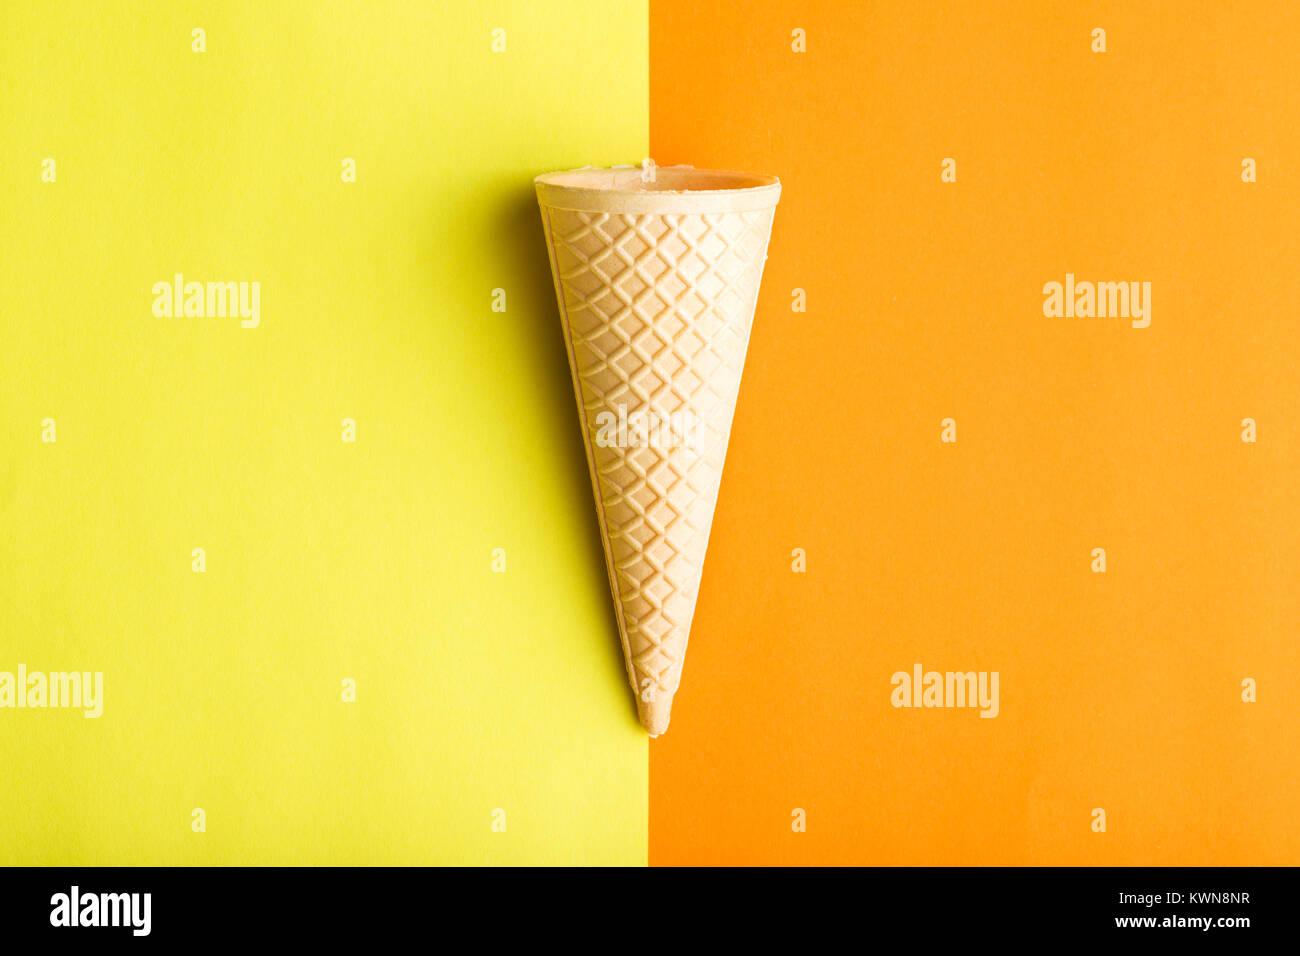 Cornet de crème glacée sur double fond coloré. Photo Stock